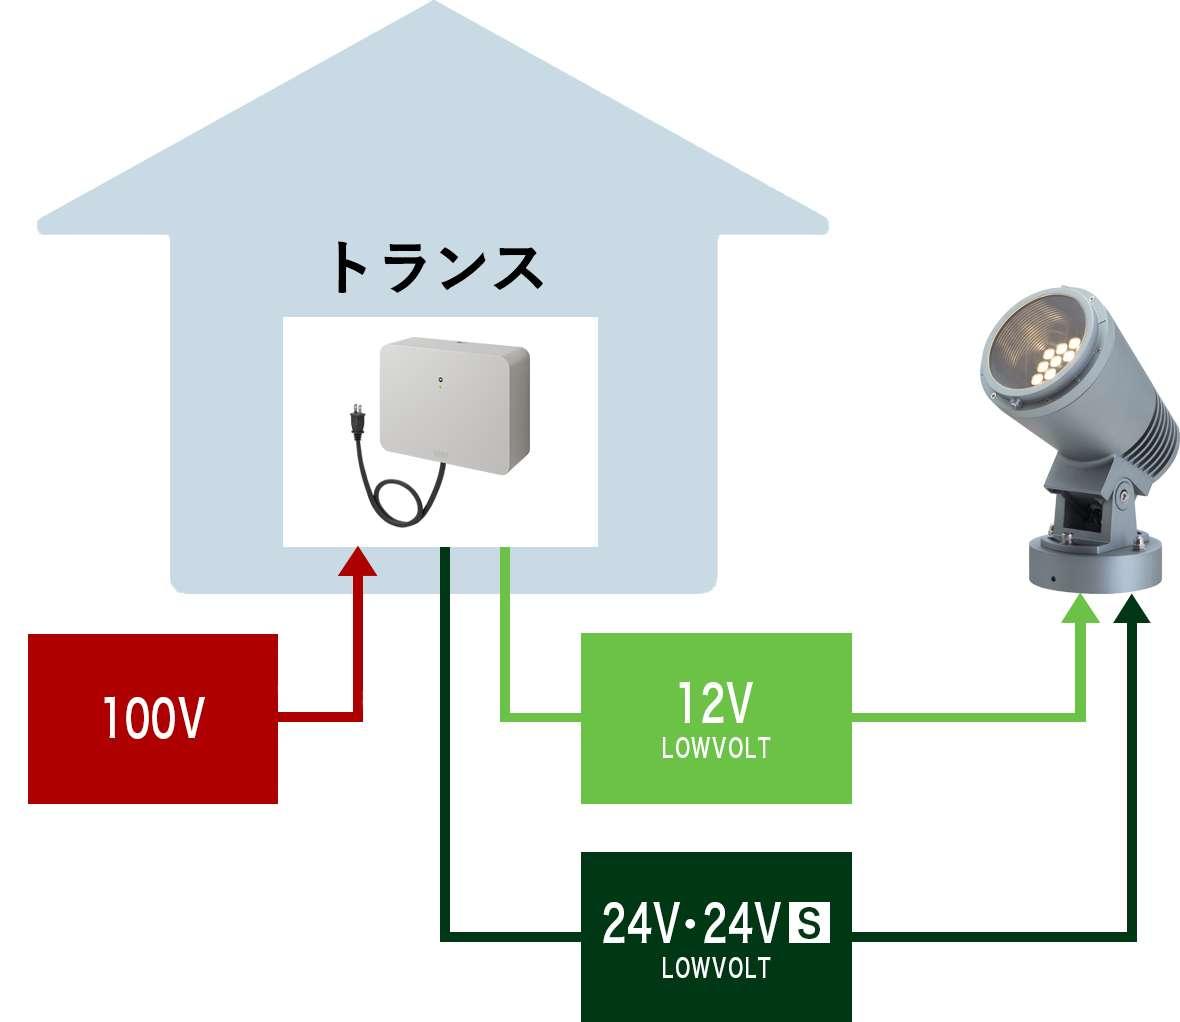 ローボルトの電気工事